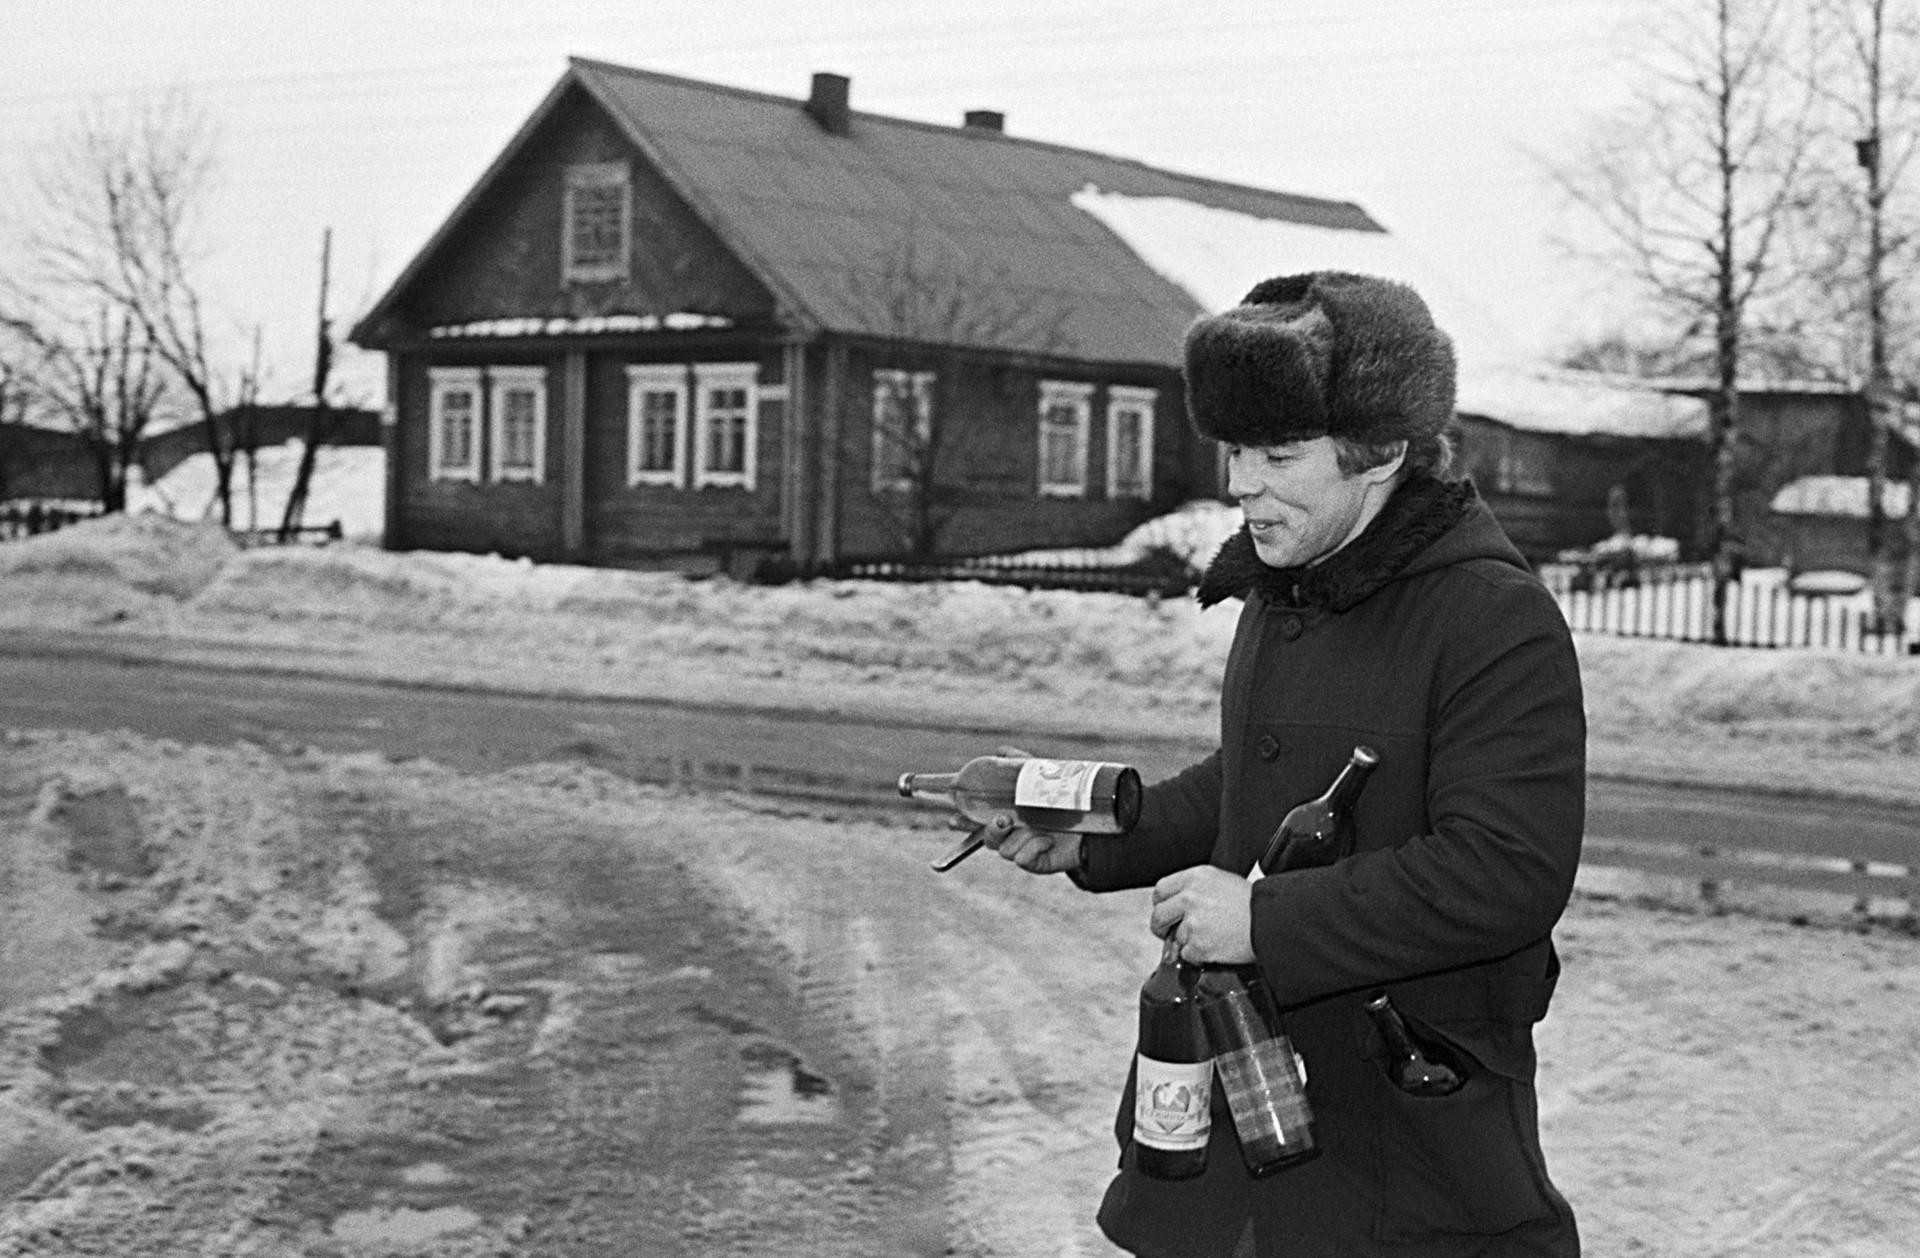 Morador local levando garrafas em uma aldeia soviética em 1990.